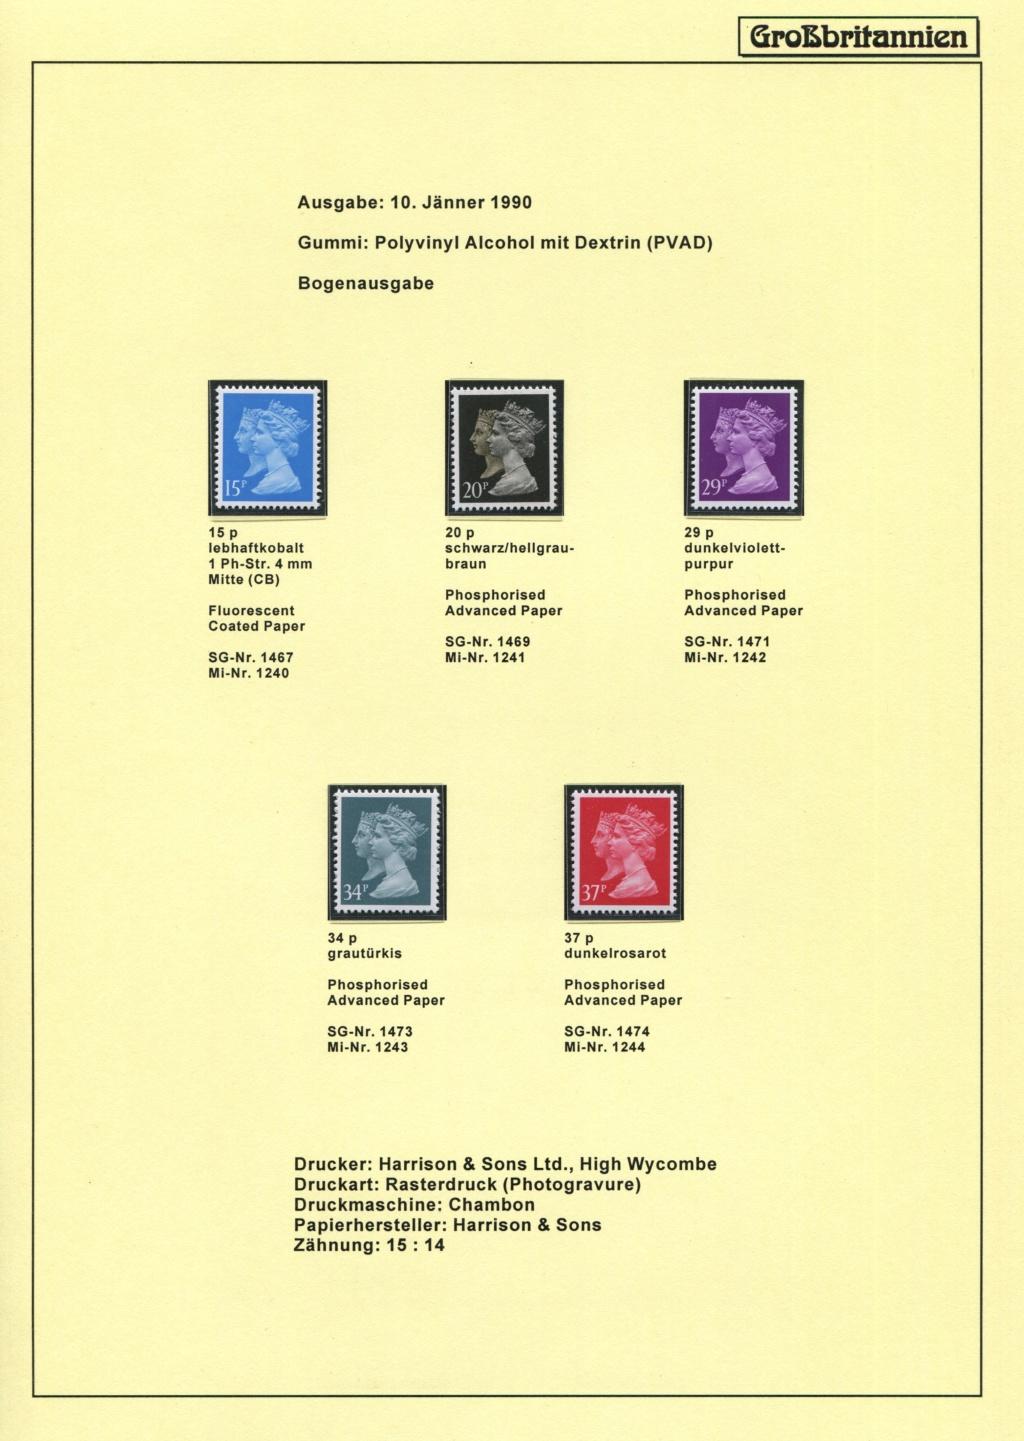 Großbritannien - 150 Jahre Briefmarken Black_14